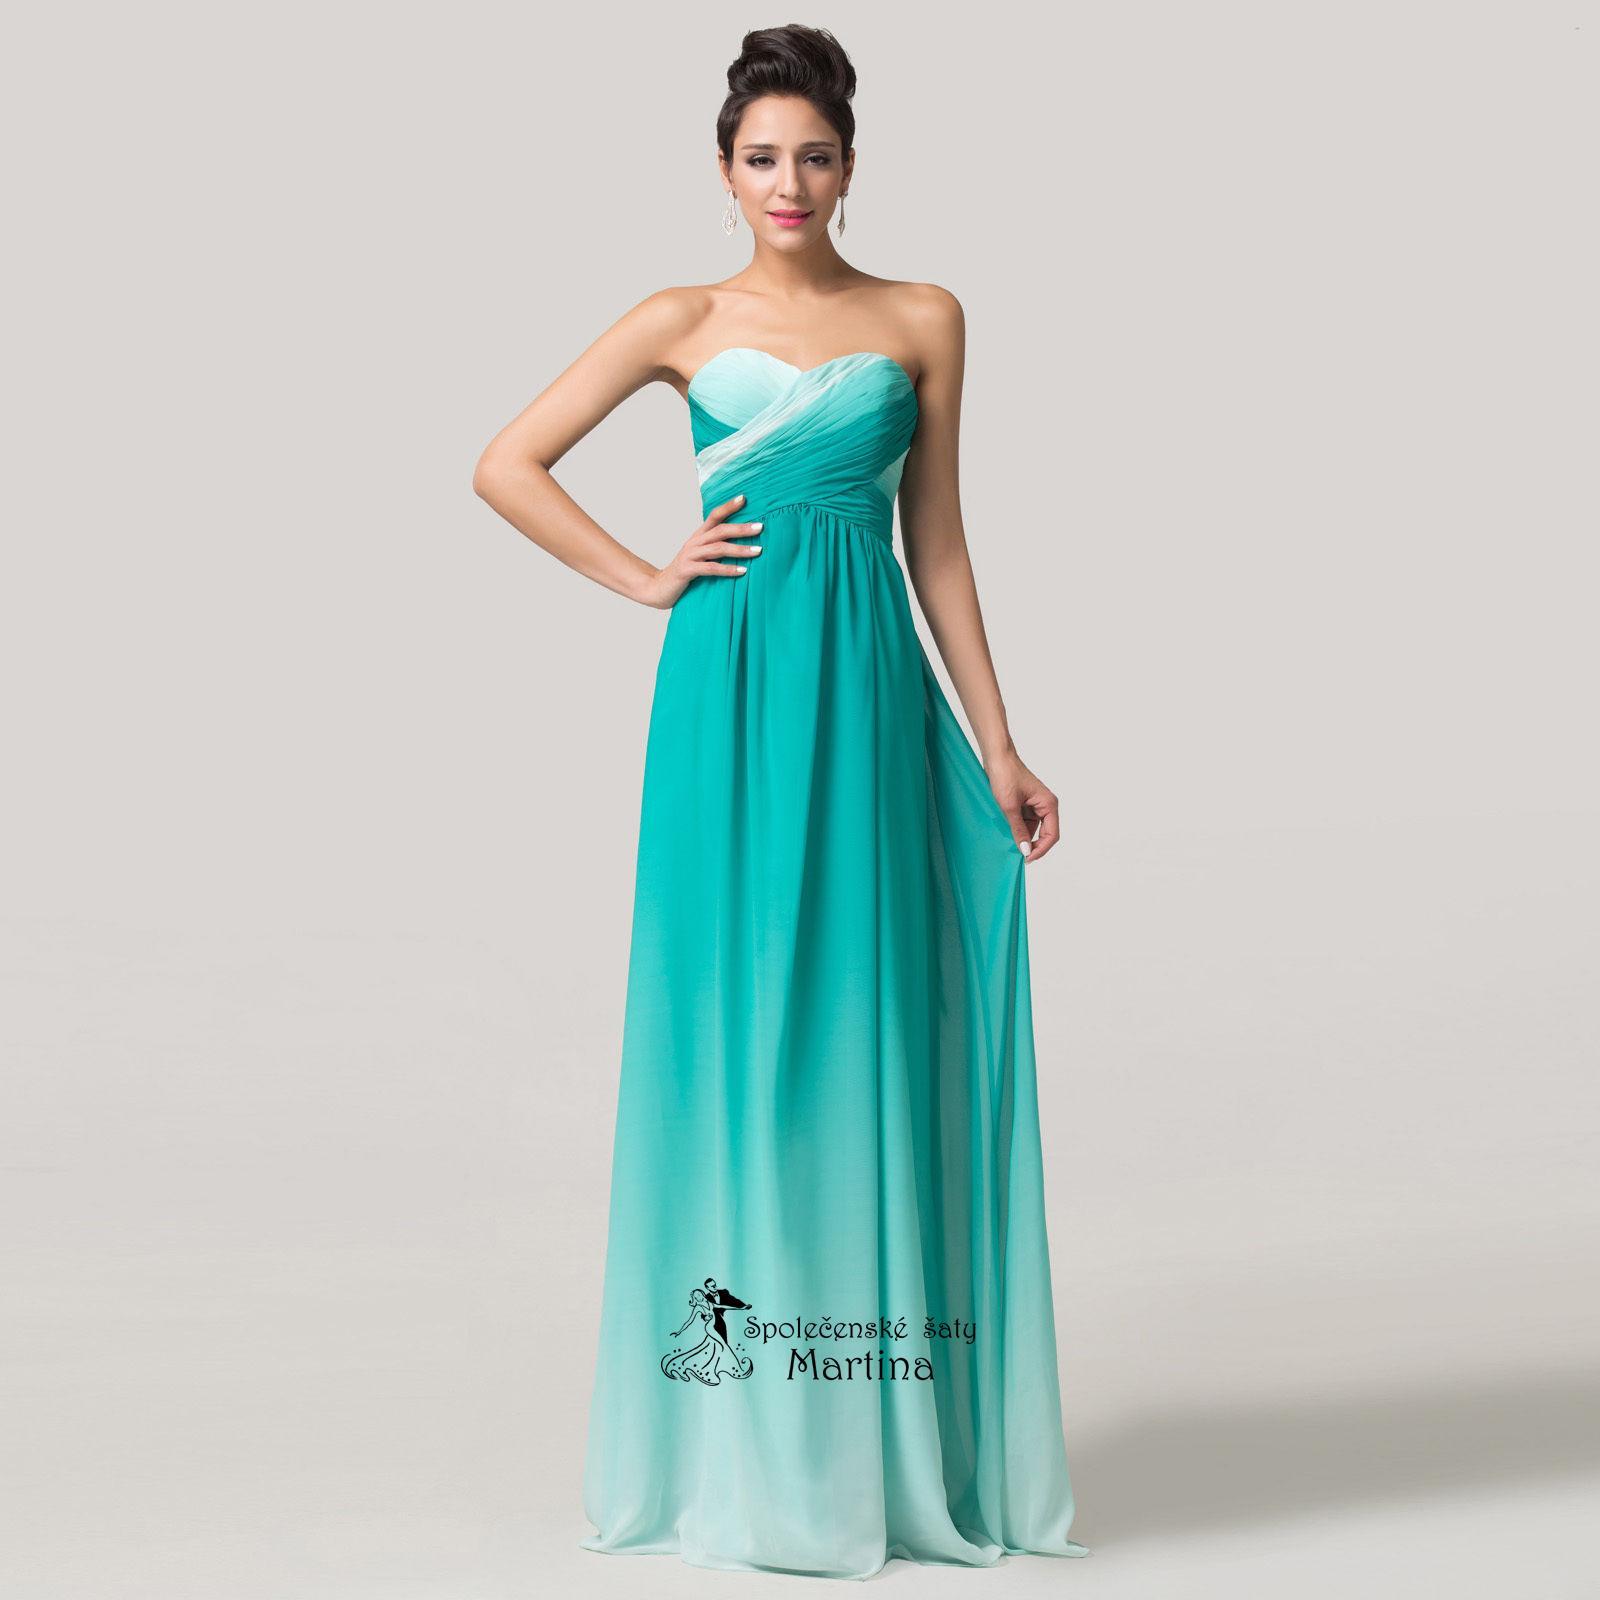 Hladám tieto šaty ihneď... - Obrázok č. 1